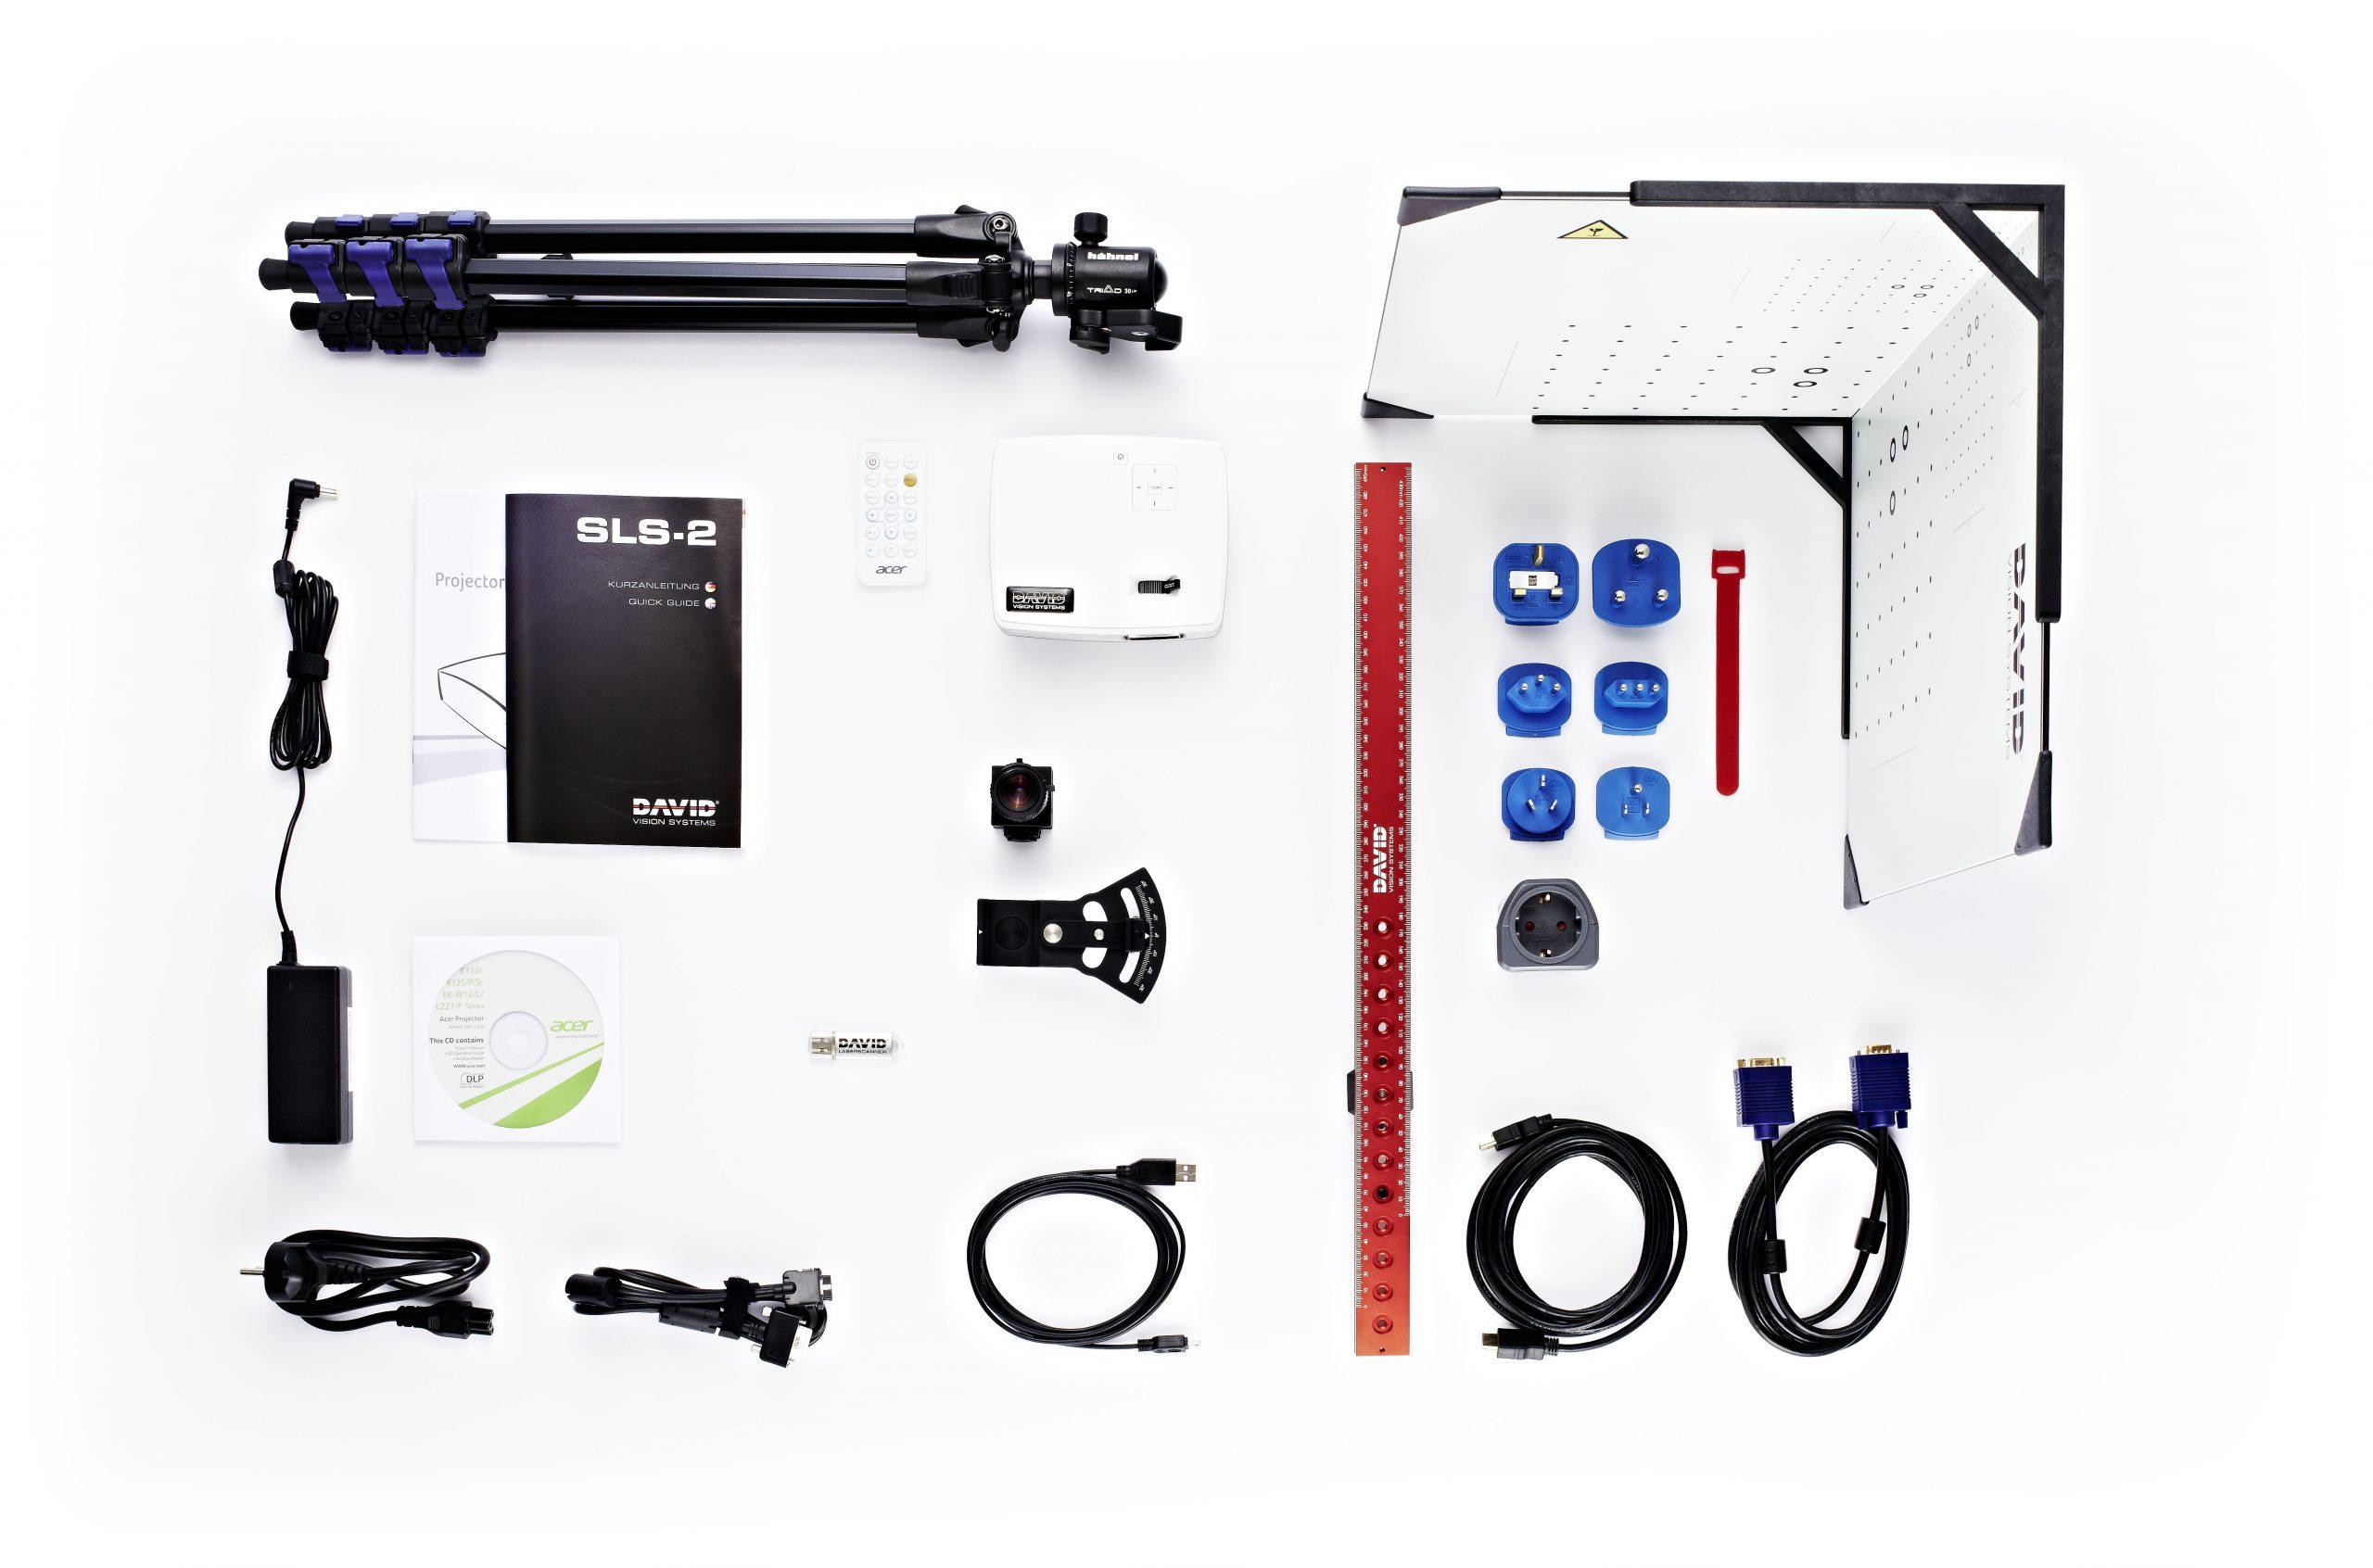 3D сканер DAVID SLS-3-3